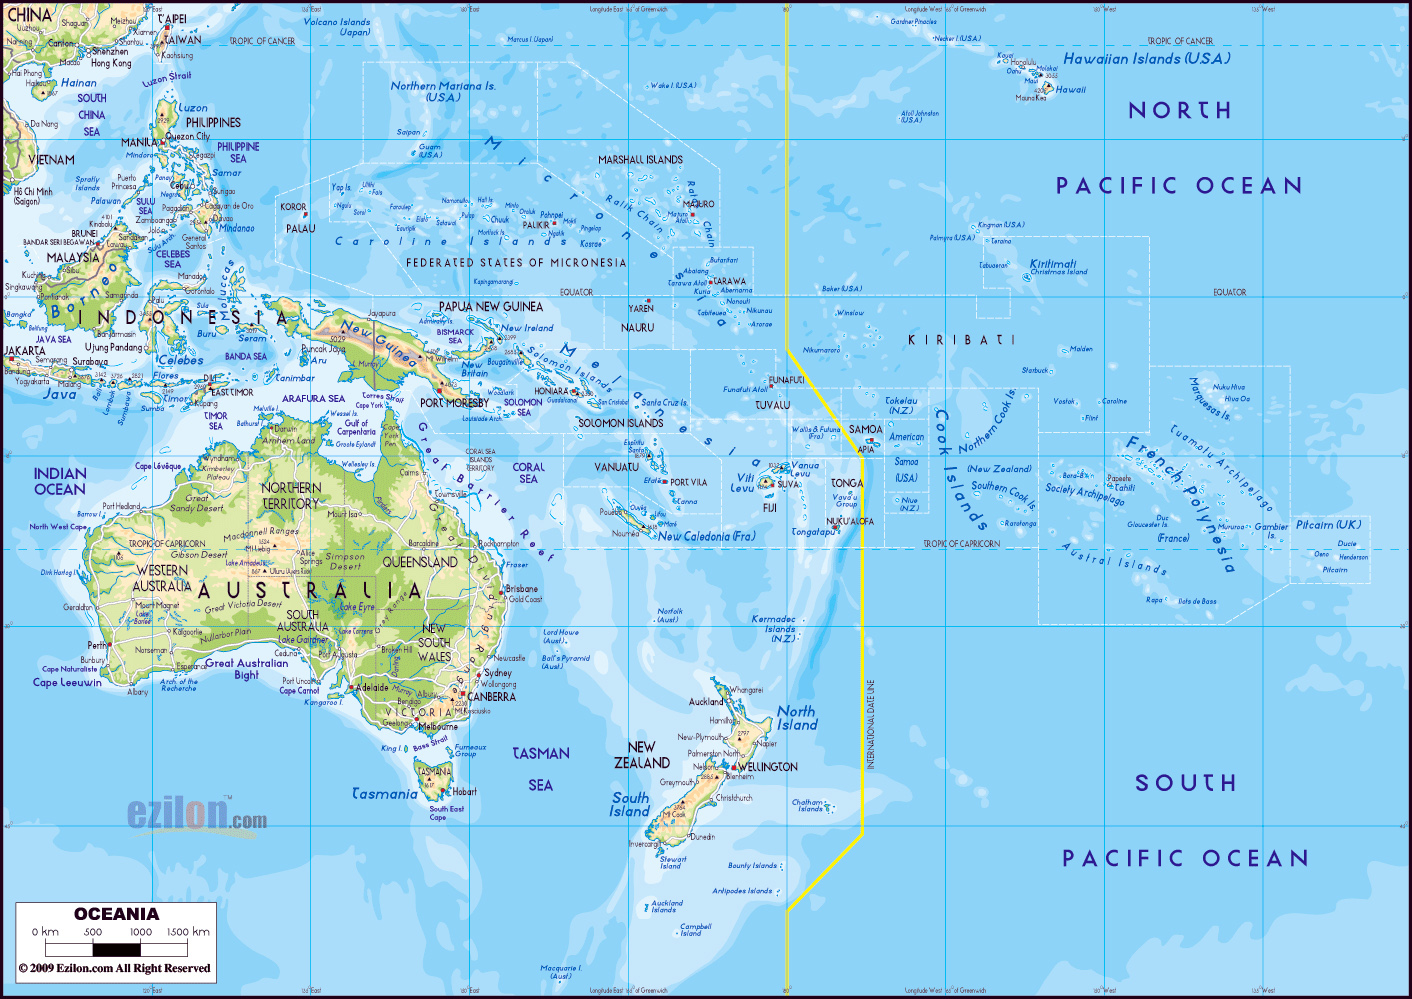 Mapa Fisico Grande De Australia Y Oceania Con Las Principales